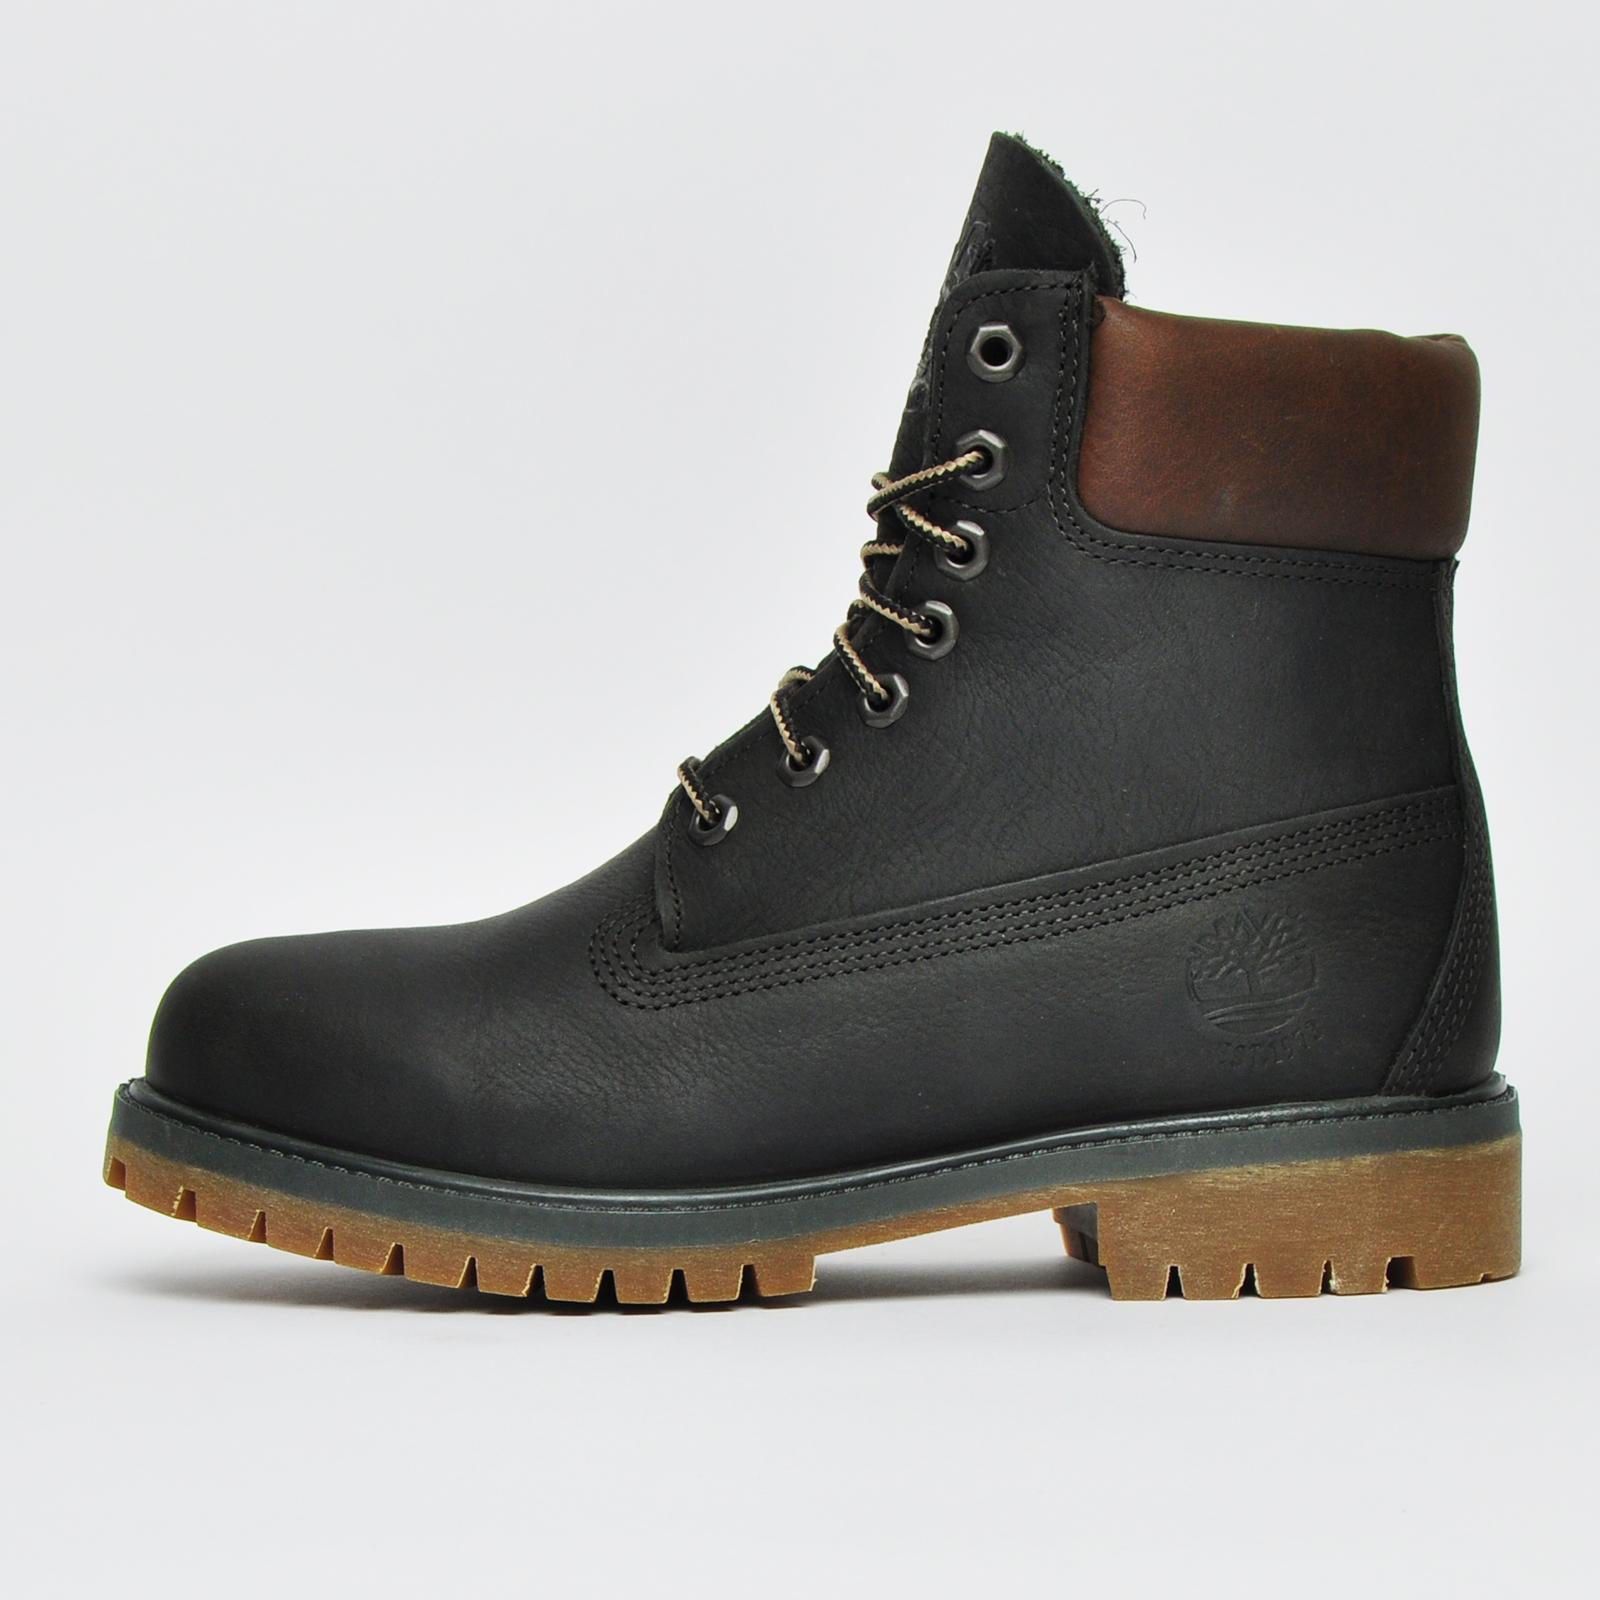 scarpe casual prezzo ragionevole prezzo all'ingrosso Timberland 15.2cm pelle Uomo Impermeabile Outdoor Stivali in 45th ...